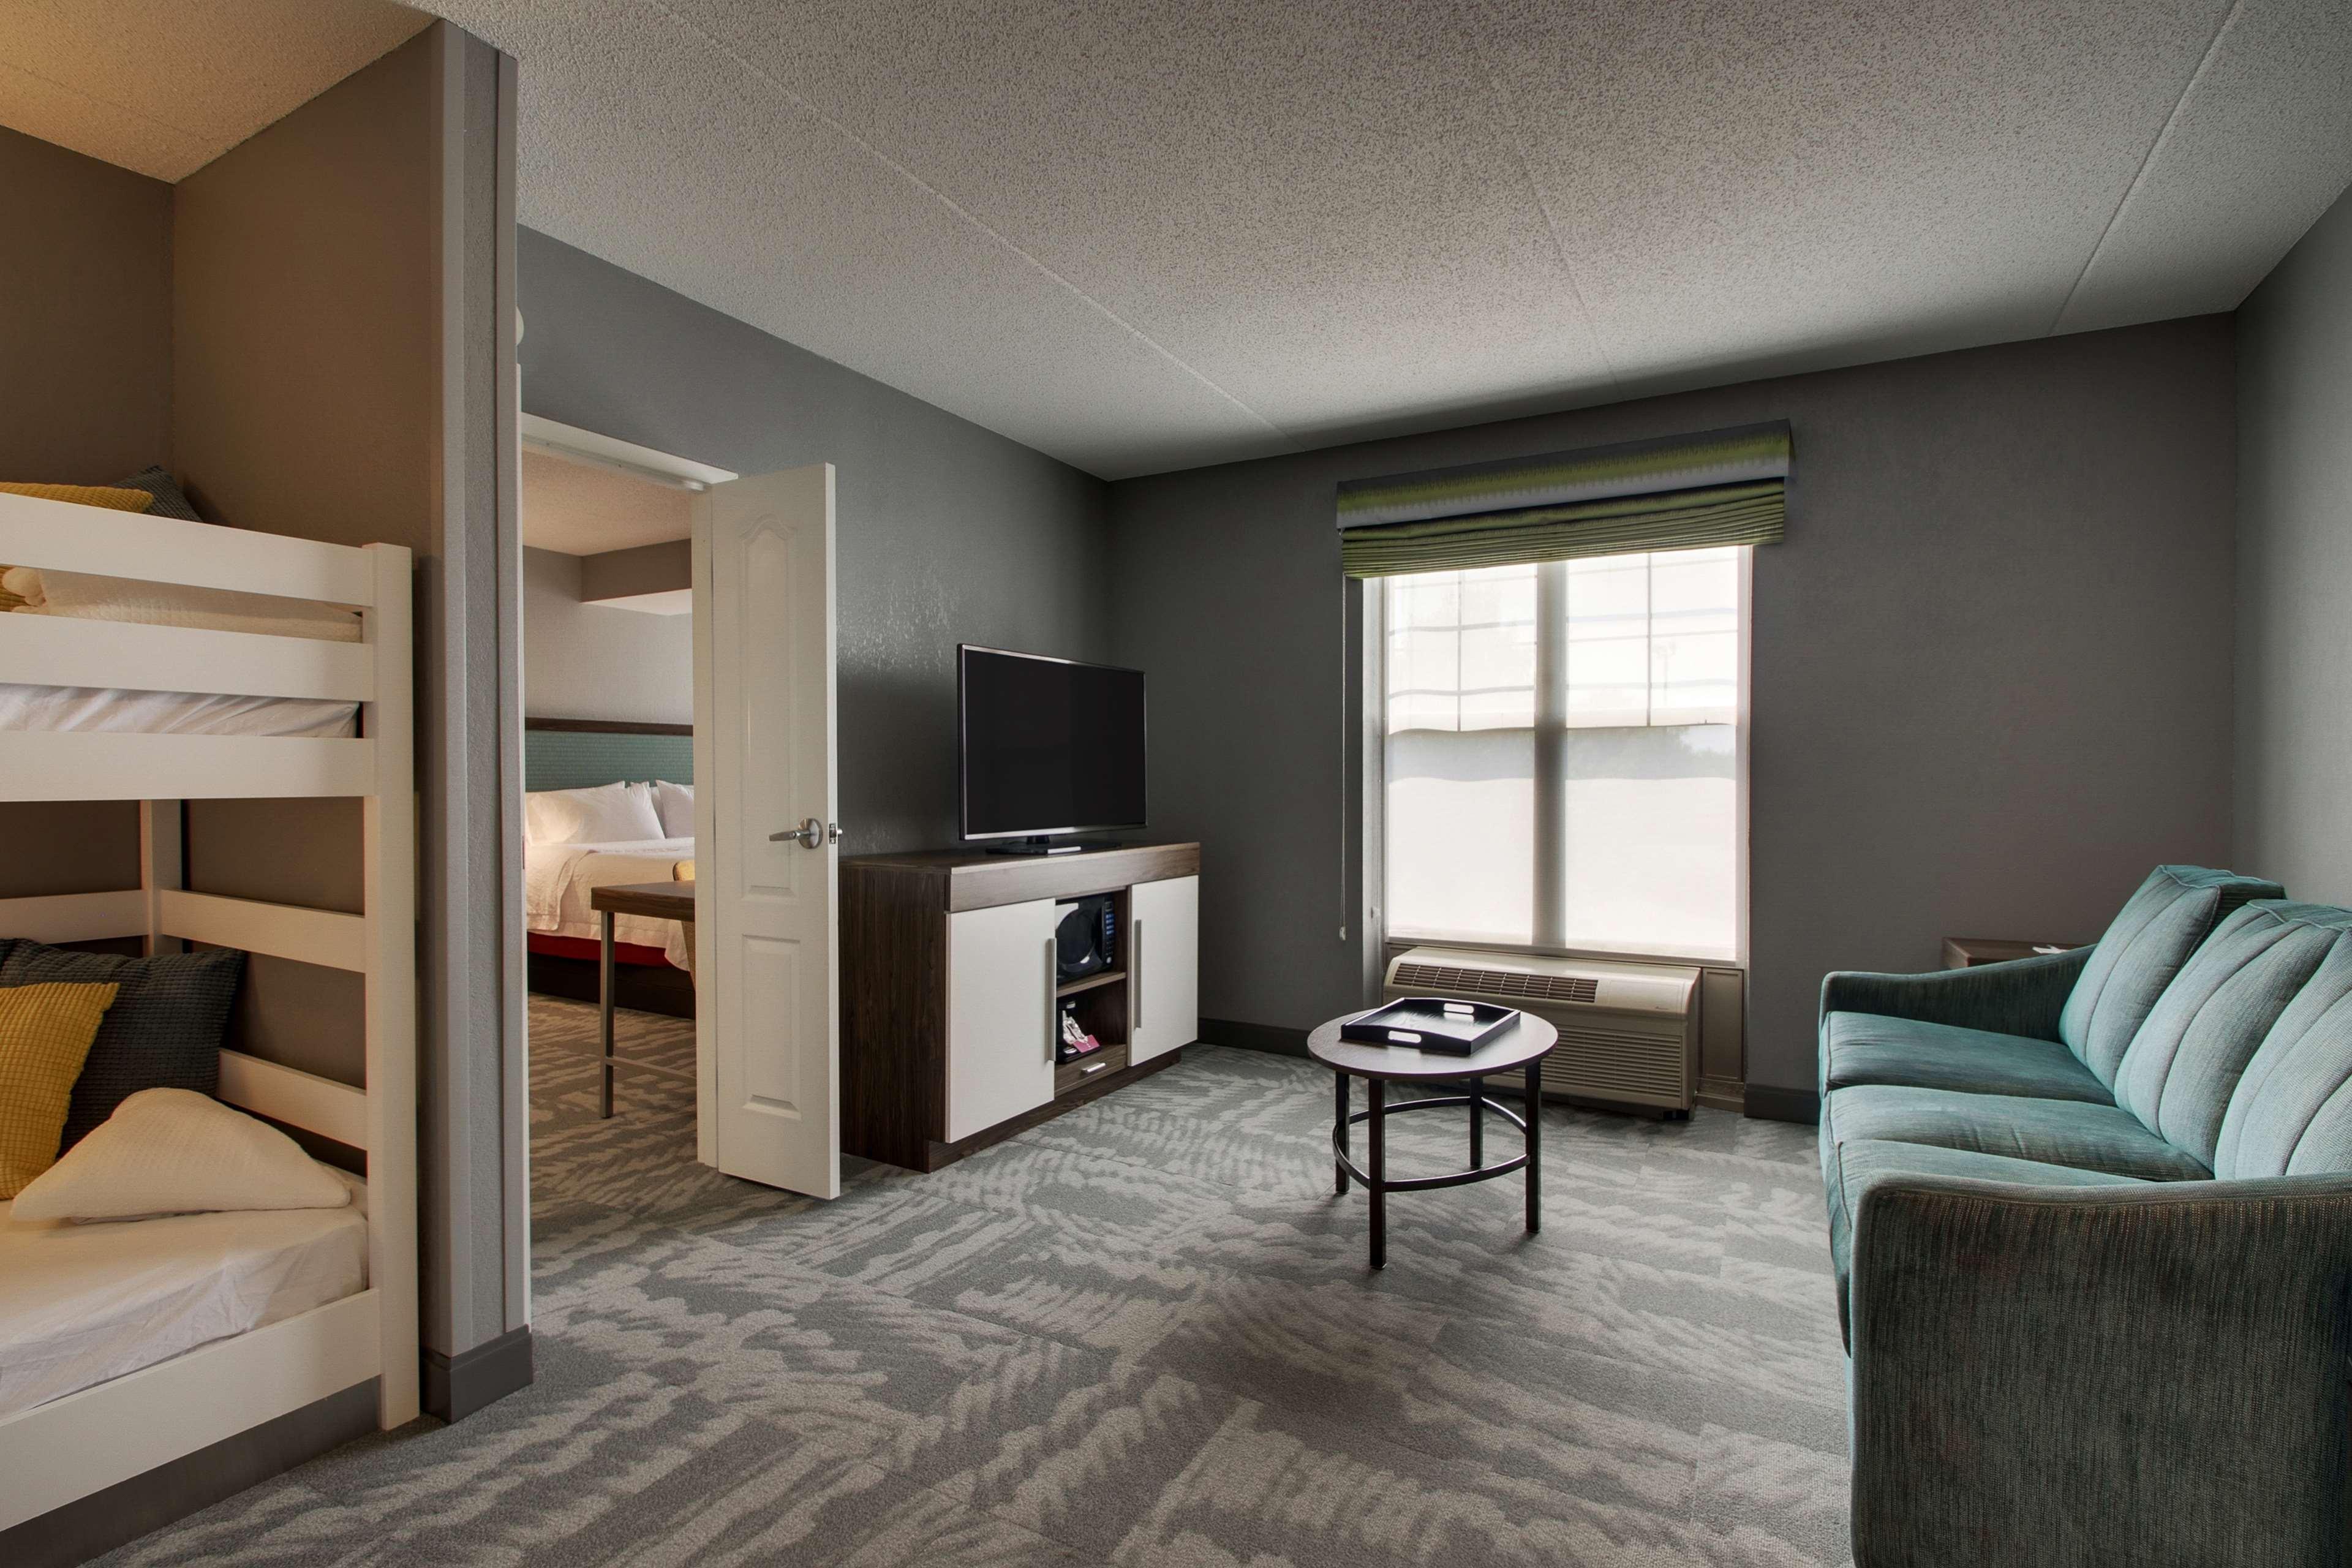 Hampton Inn & Suites Chicago/Aurora image 31